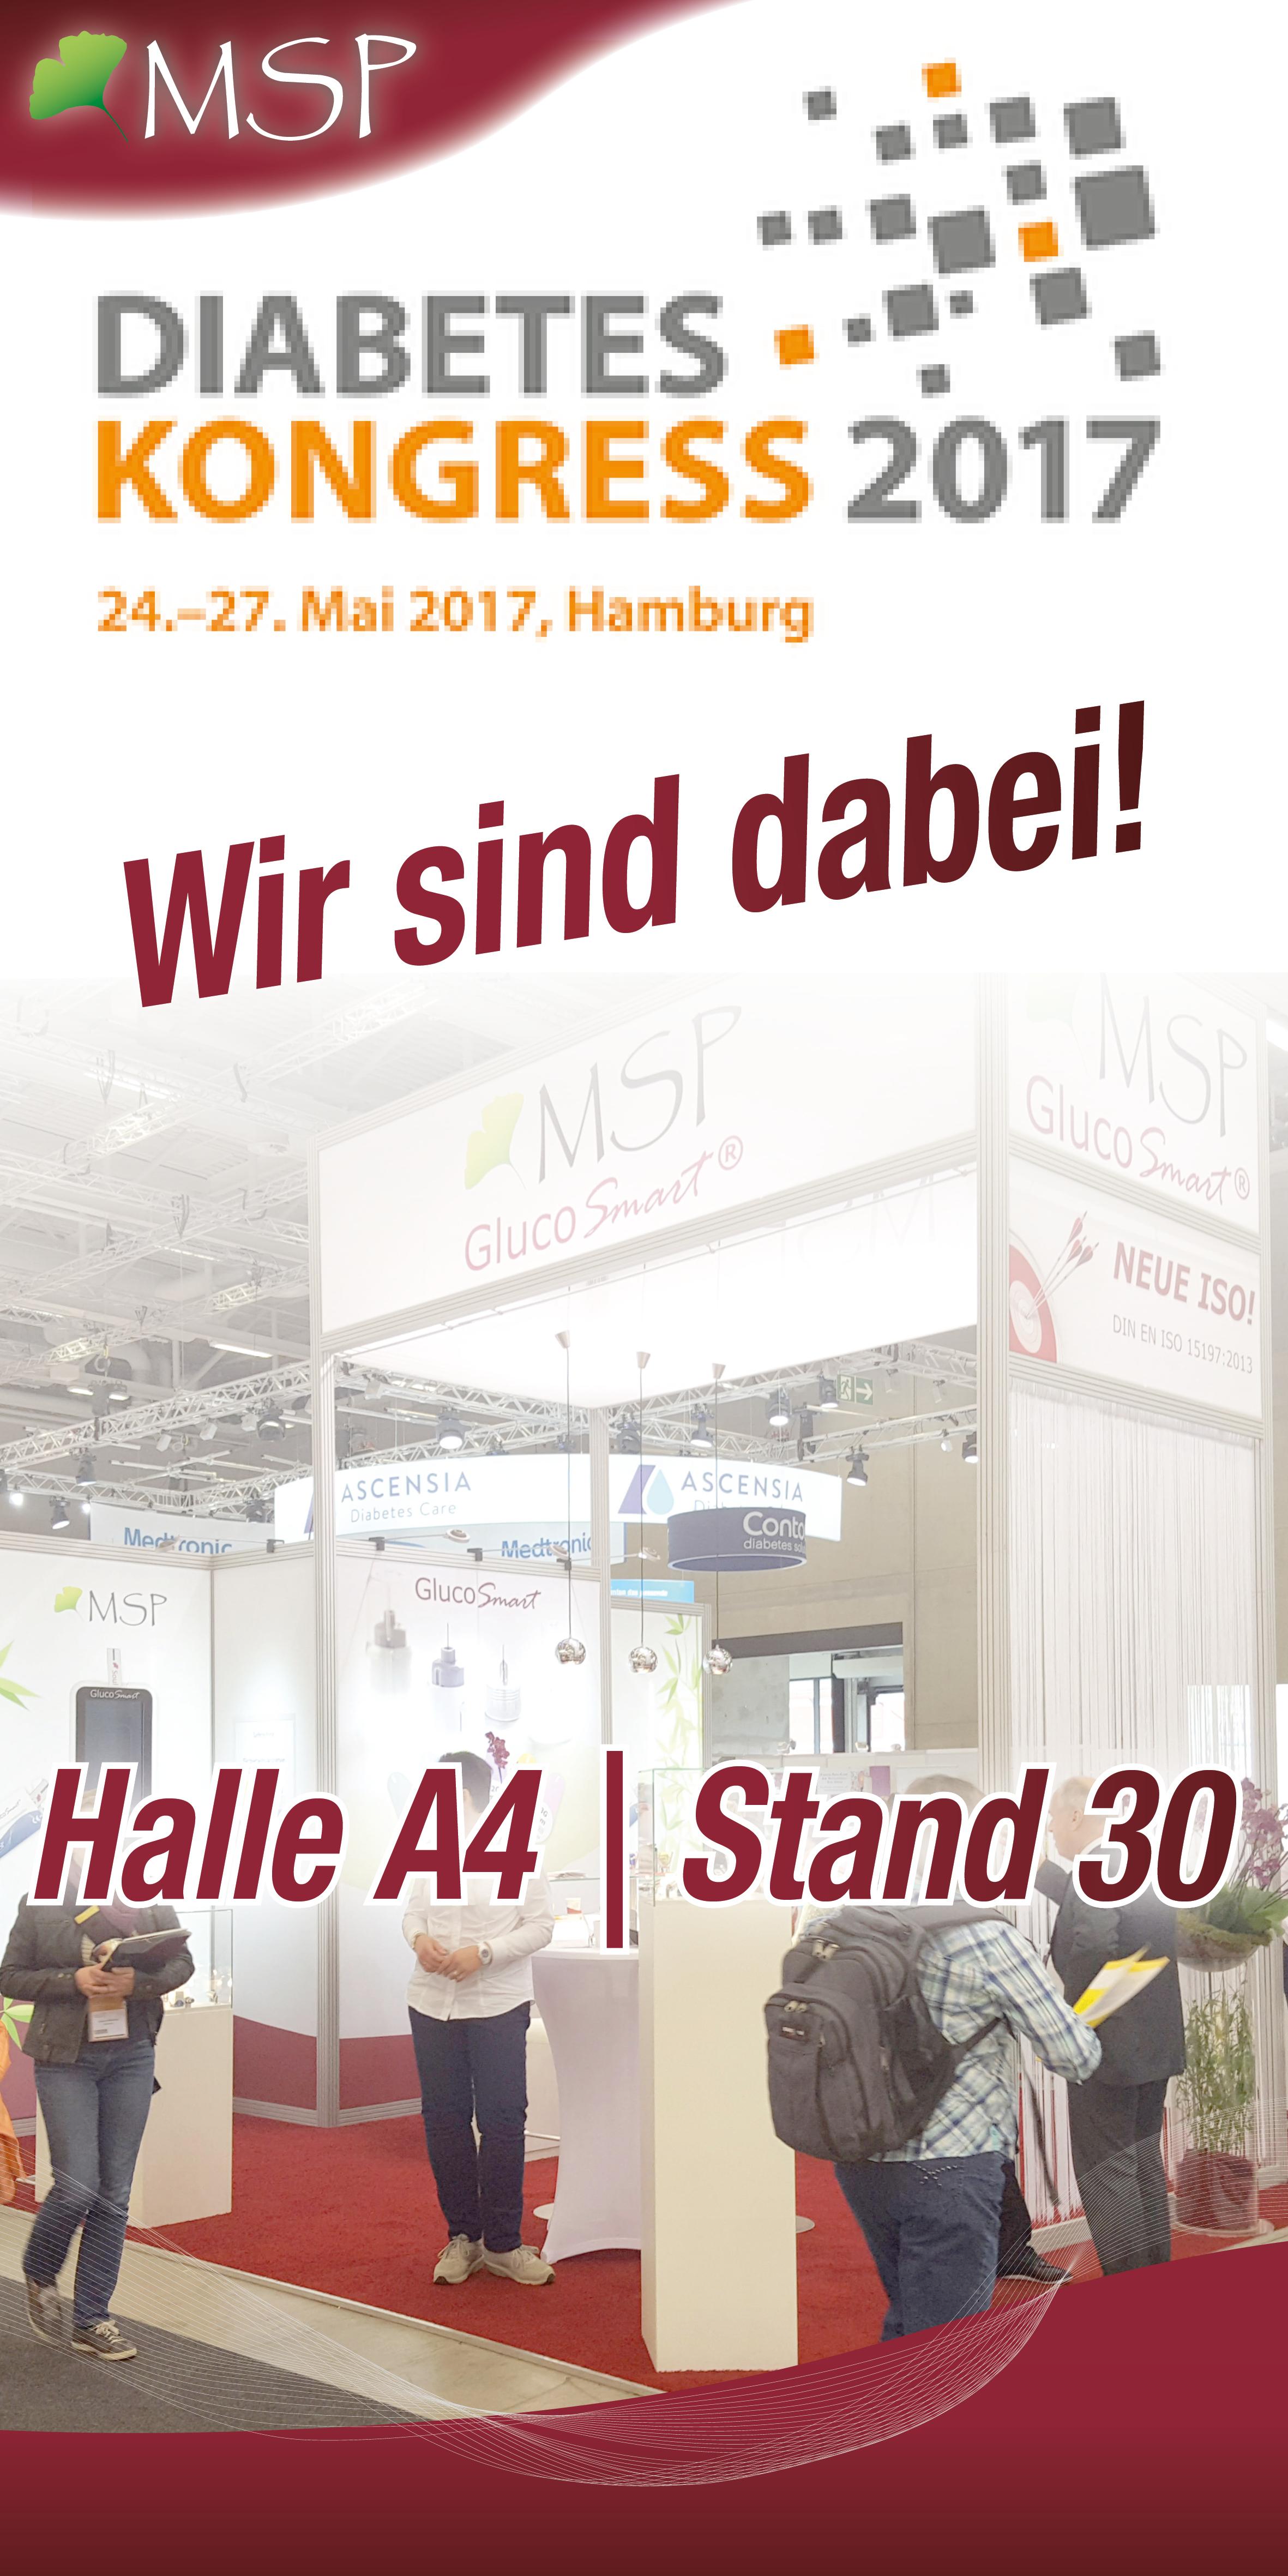 DDG Diabetes Kongress Hamburg Glucosmart MSP bodmann Hersteller Blutzuckermessgeräte Pen Nadeln Lanzetten Messestand